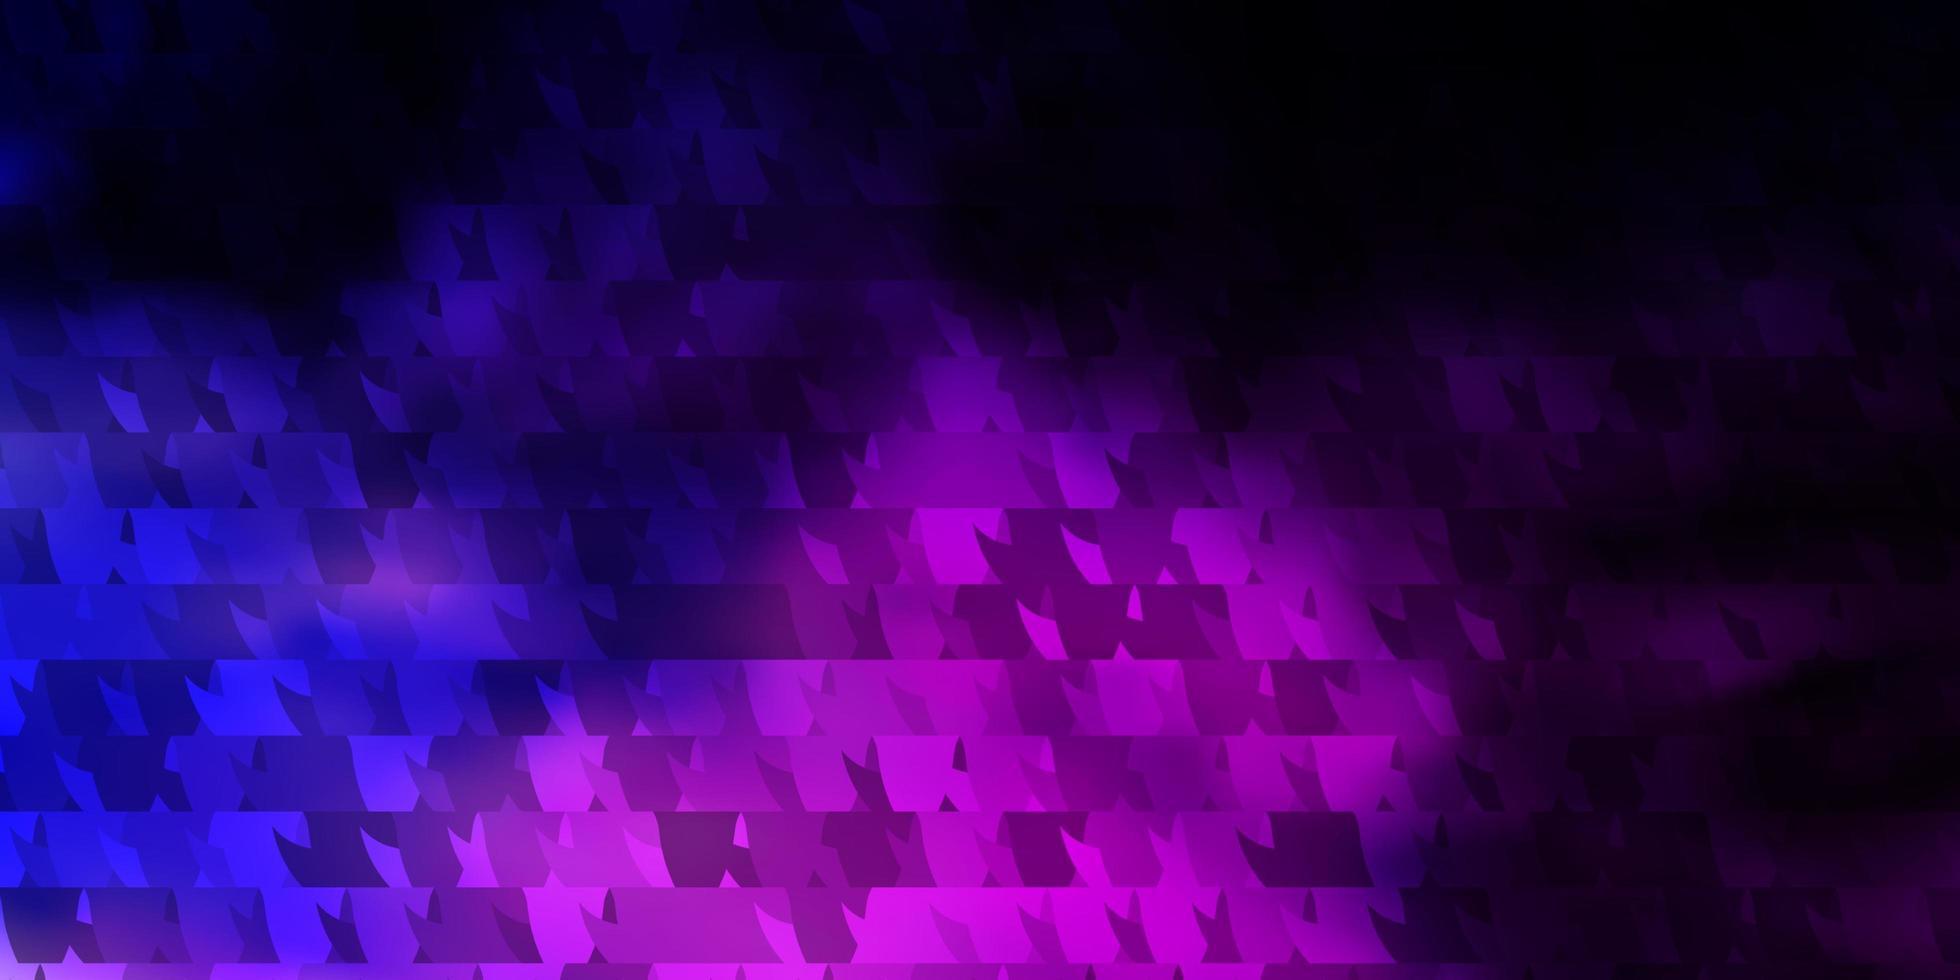 dunkelrosa, blauer Hintergrund mit Linien, Dreiecken. vektor